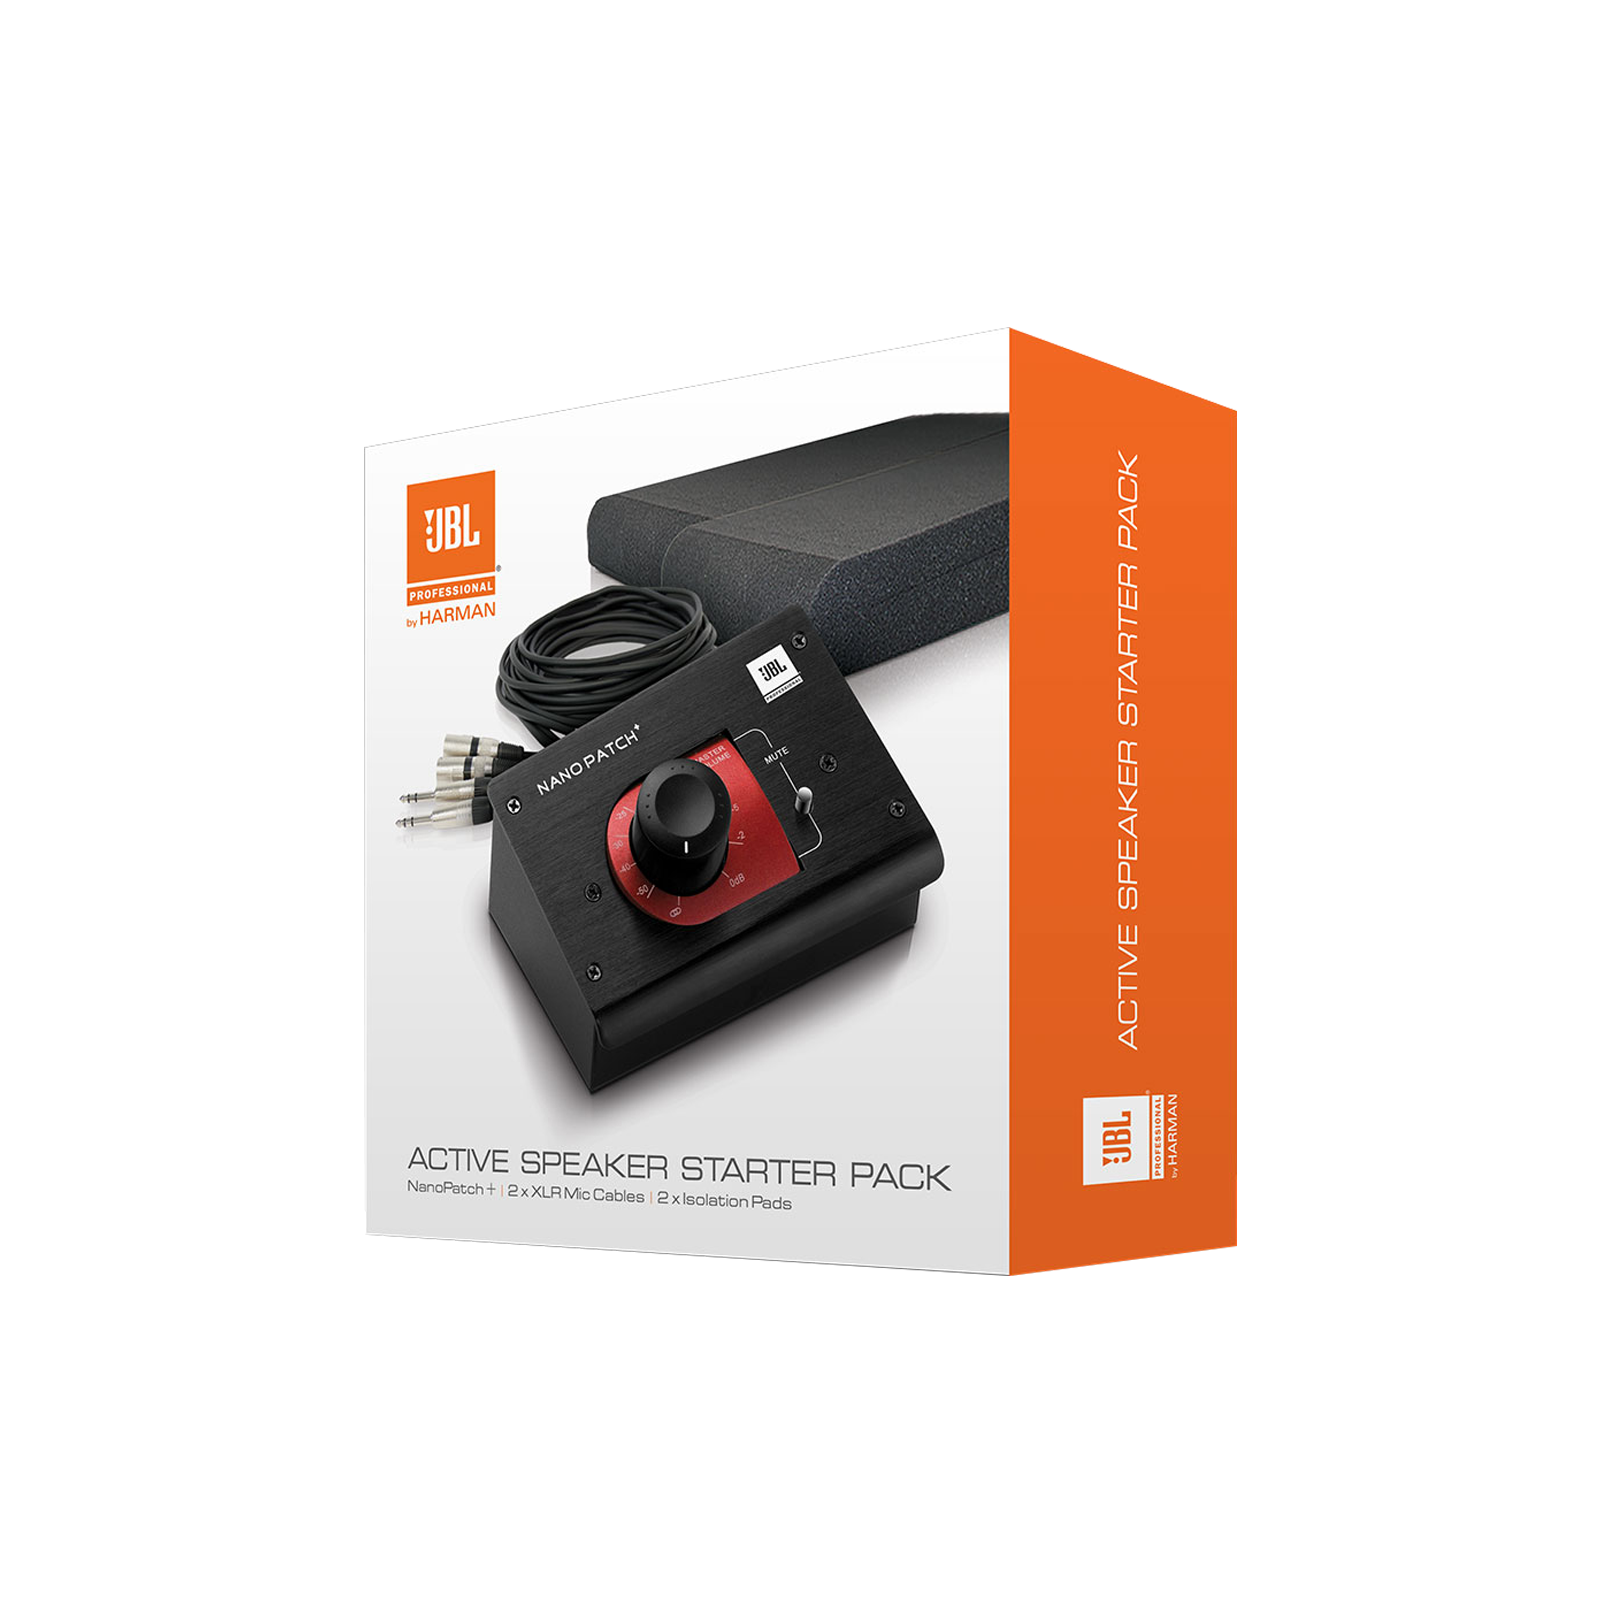 JBL Active Speaker Starter Set - Black - Studio Monitor Enhancement Pack - Hero